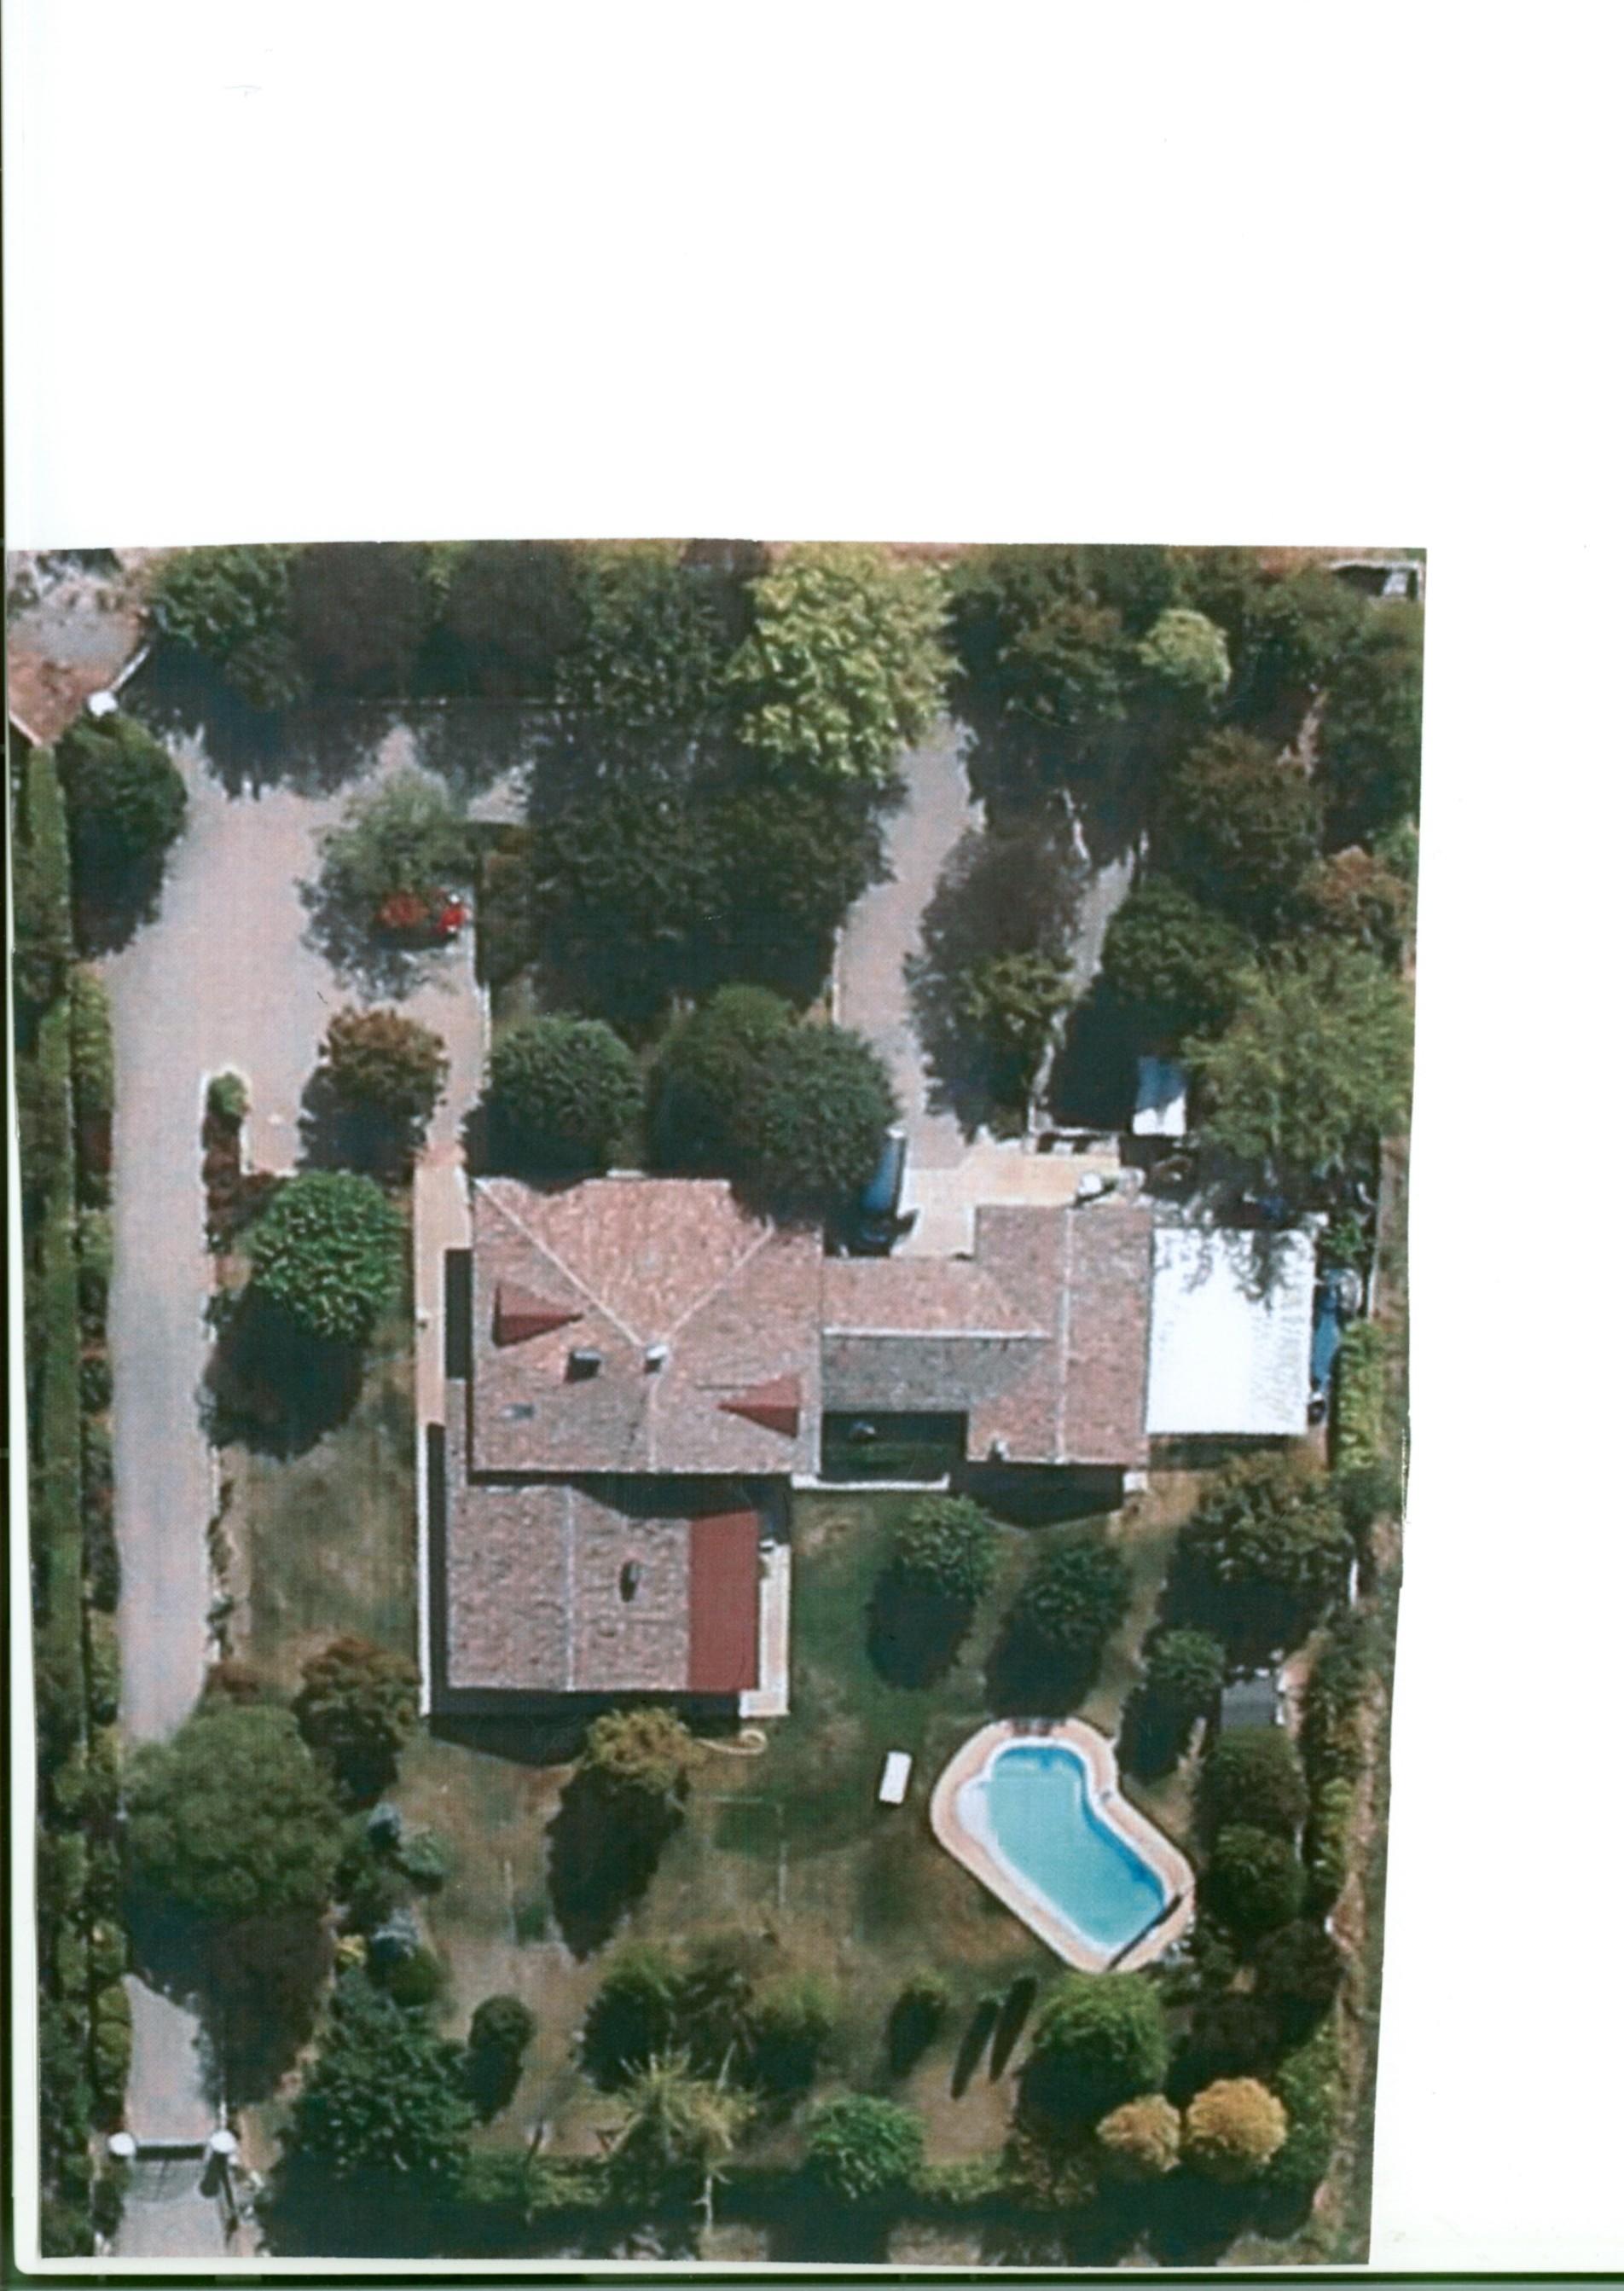 Villa Con Piscina Immobiliare Calidoriimmobiliare Calidori